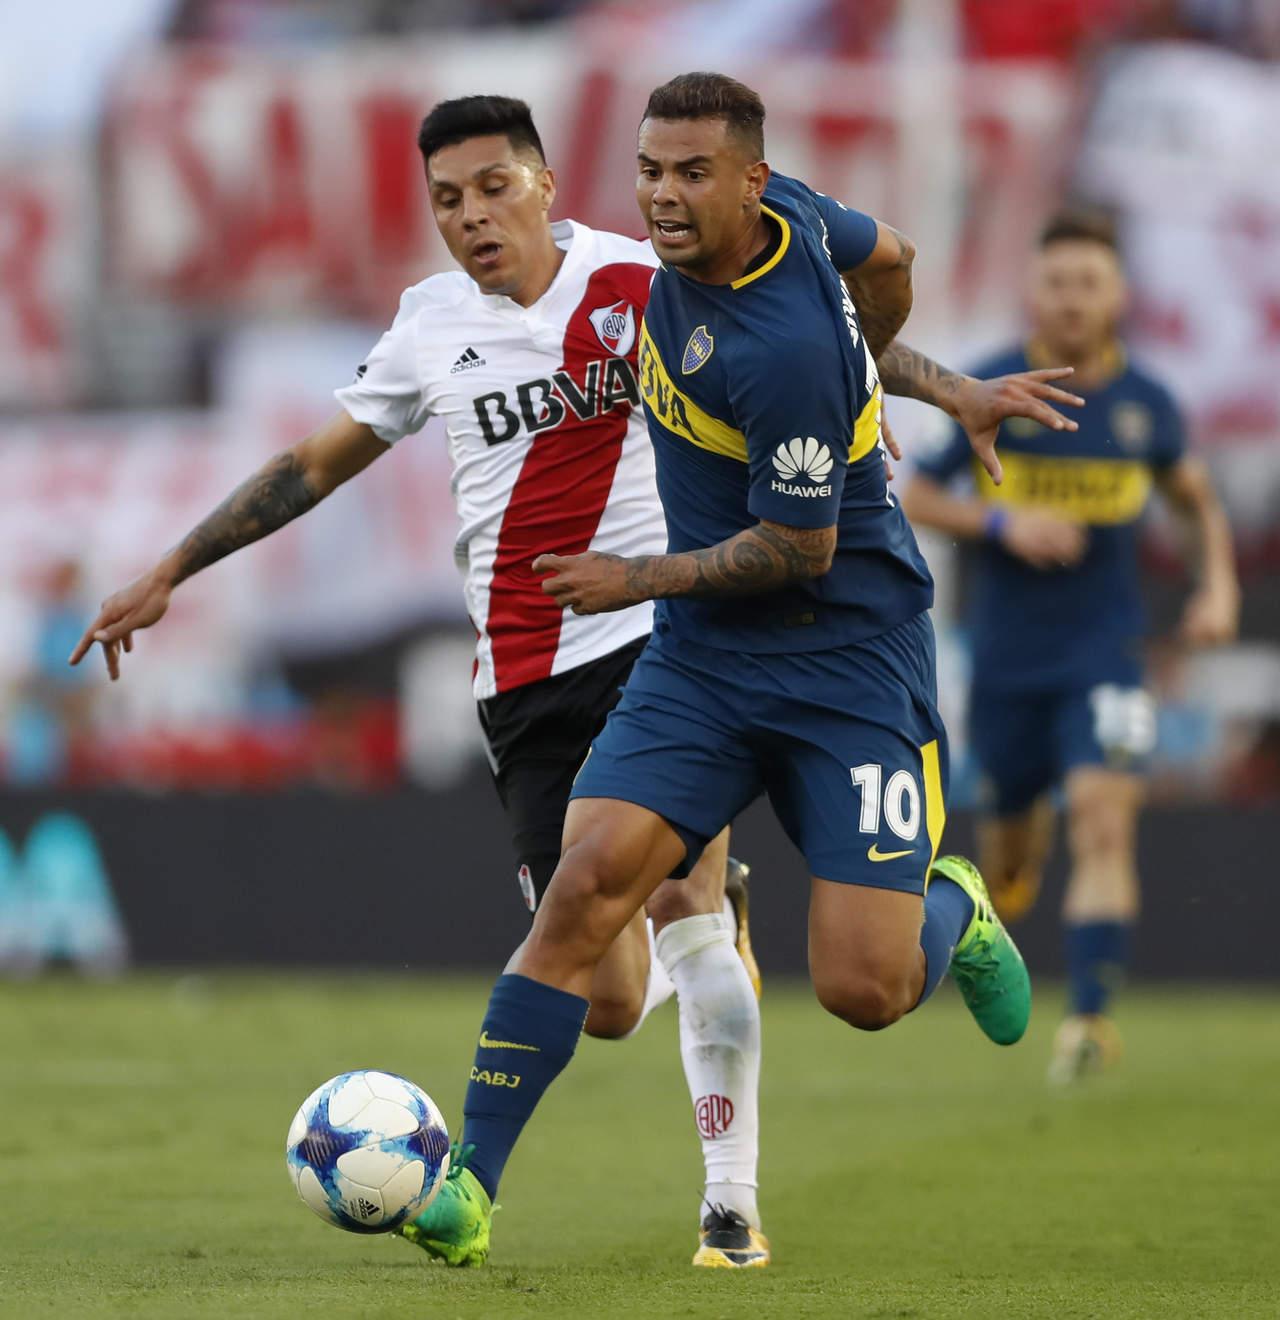 Boca y River disputarán la Supercopa Argentina